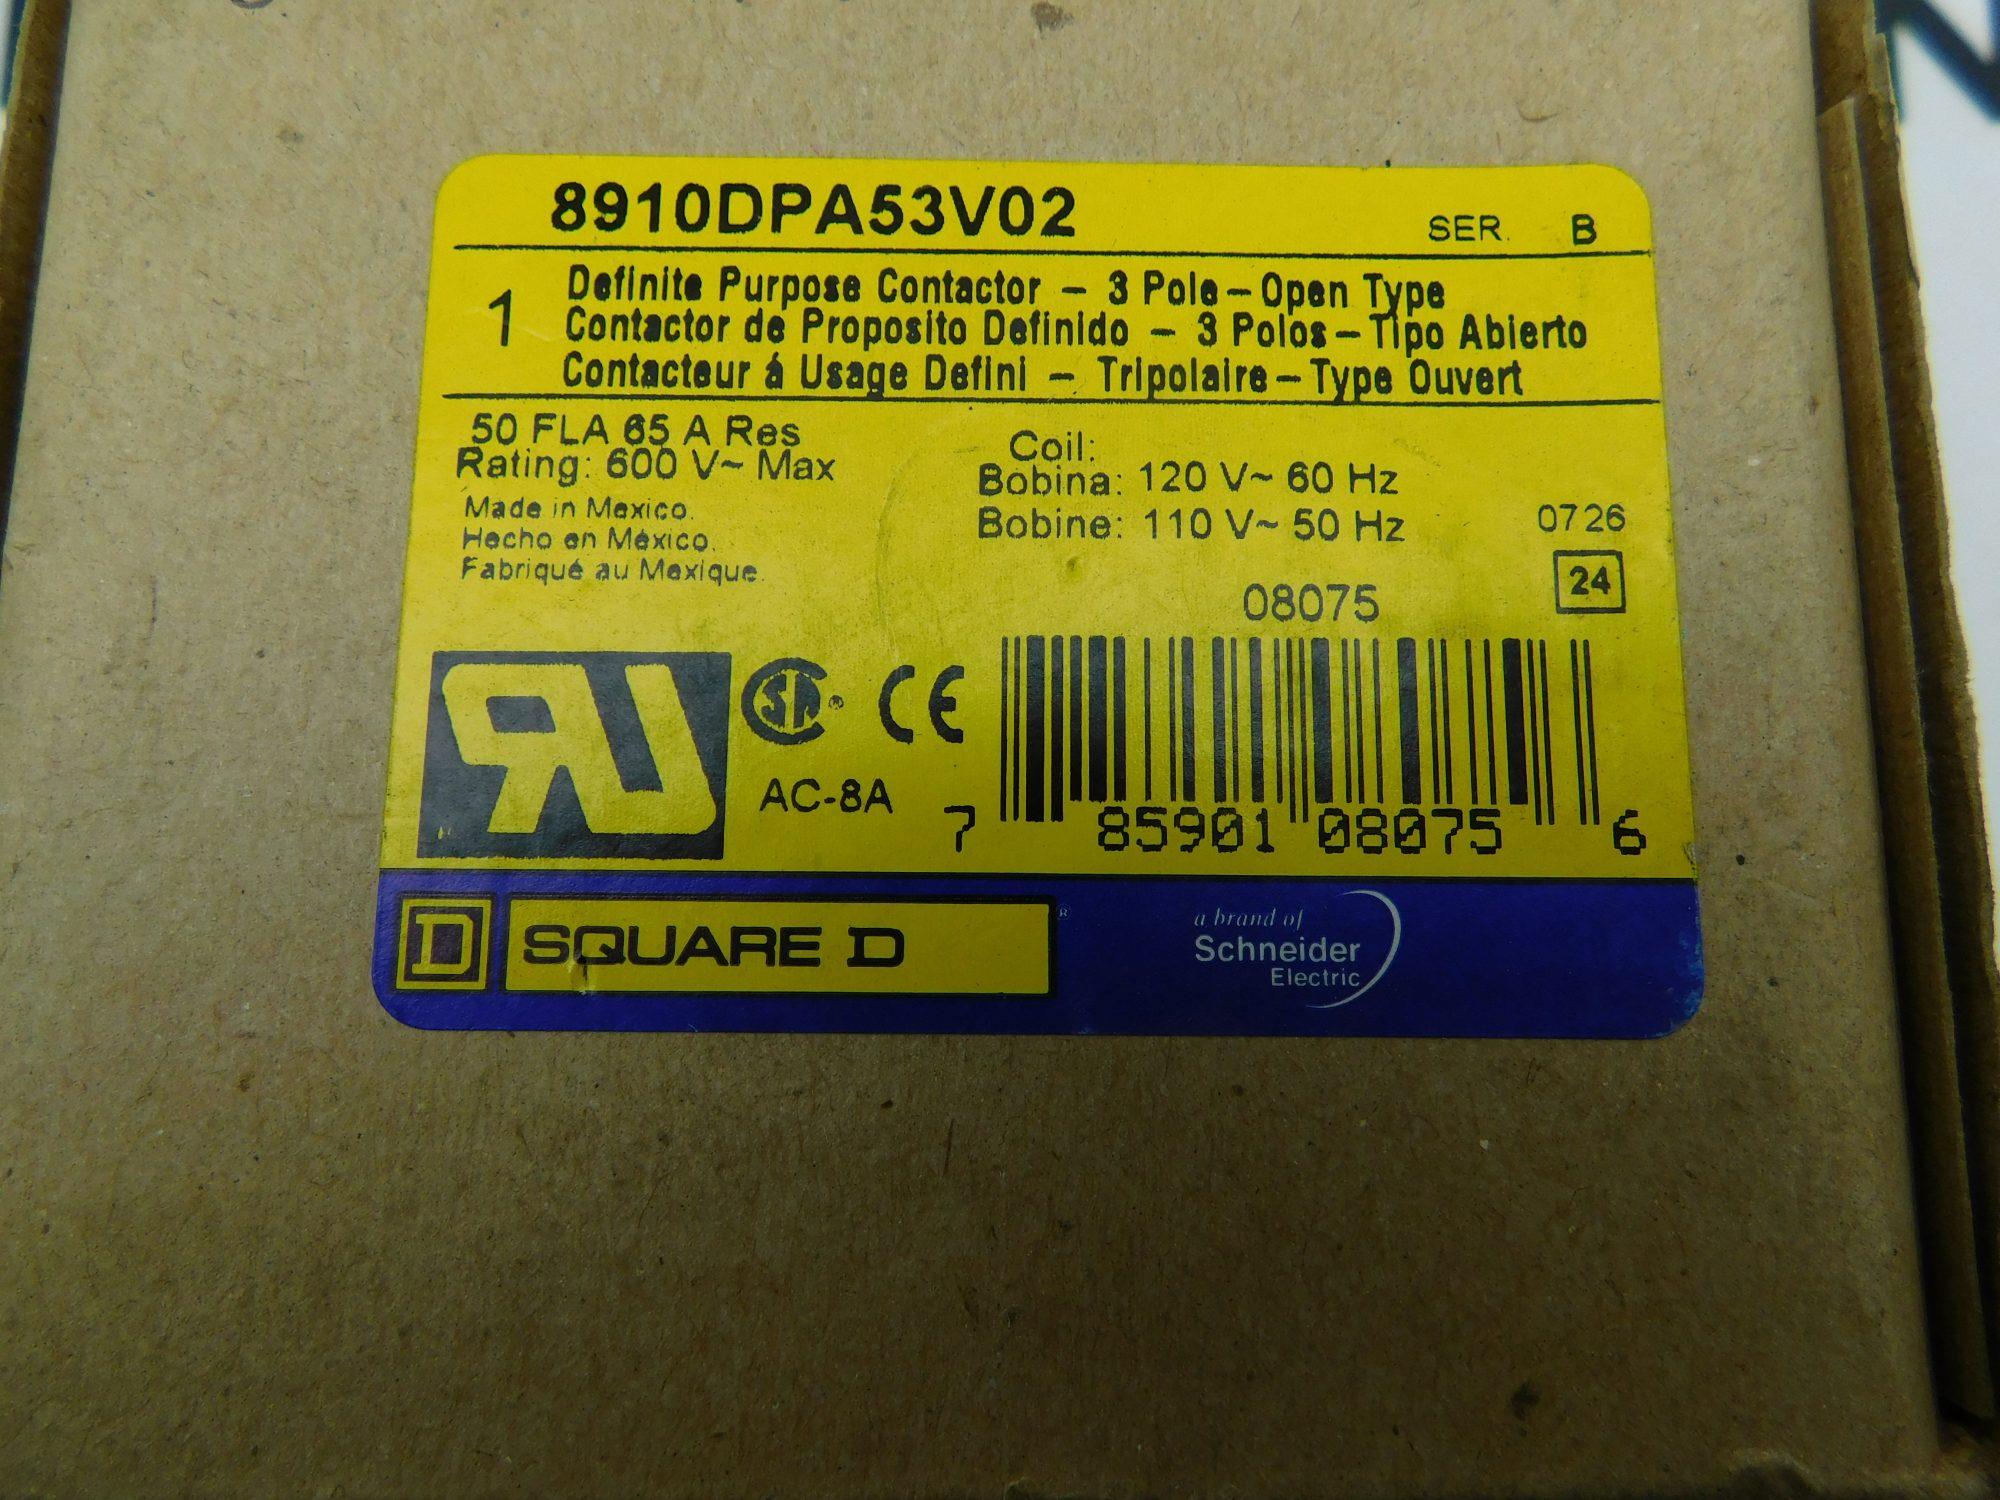 Square D 8910DPA53V02 Contactor Series B 3 Pole 50 FLA 65A Res